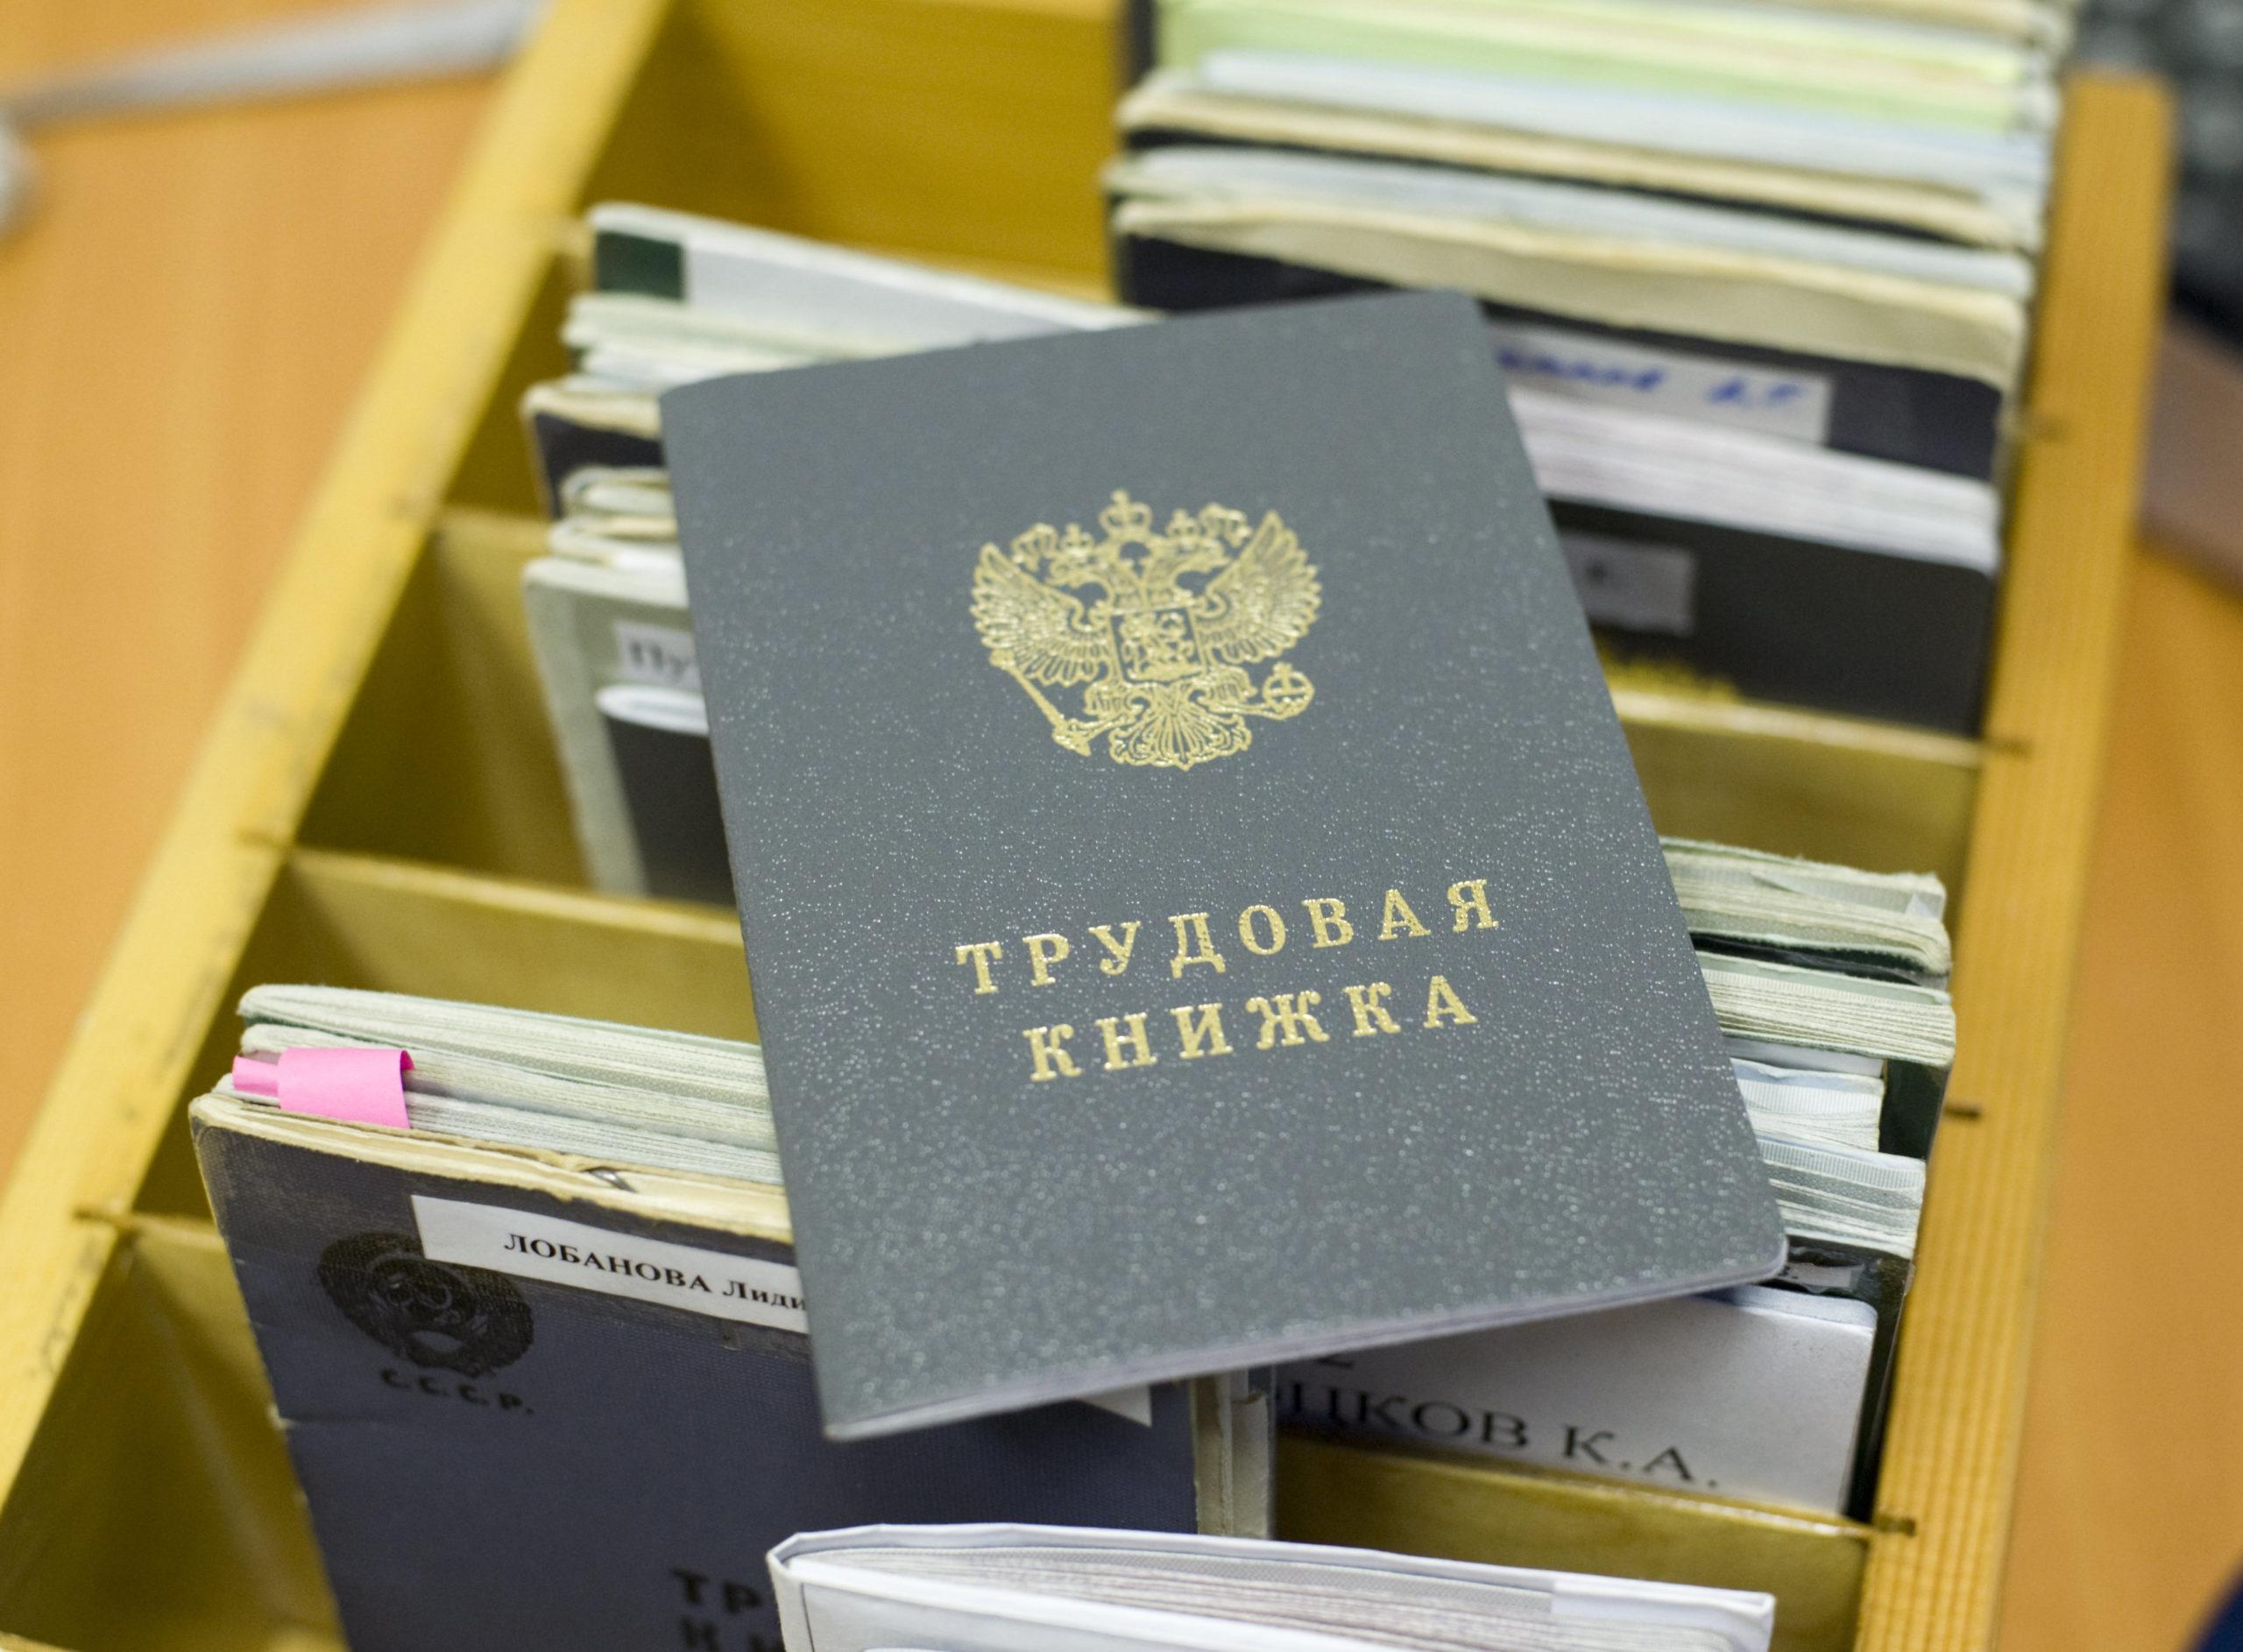 Более половины россиян предпочли бумажную трудовую книжку